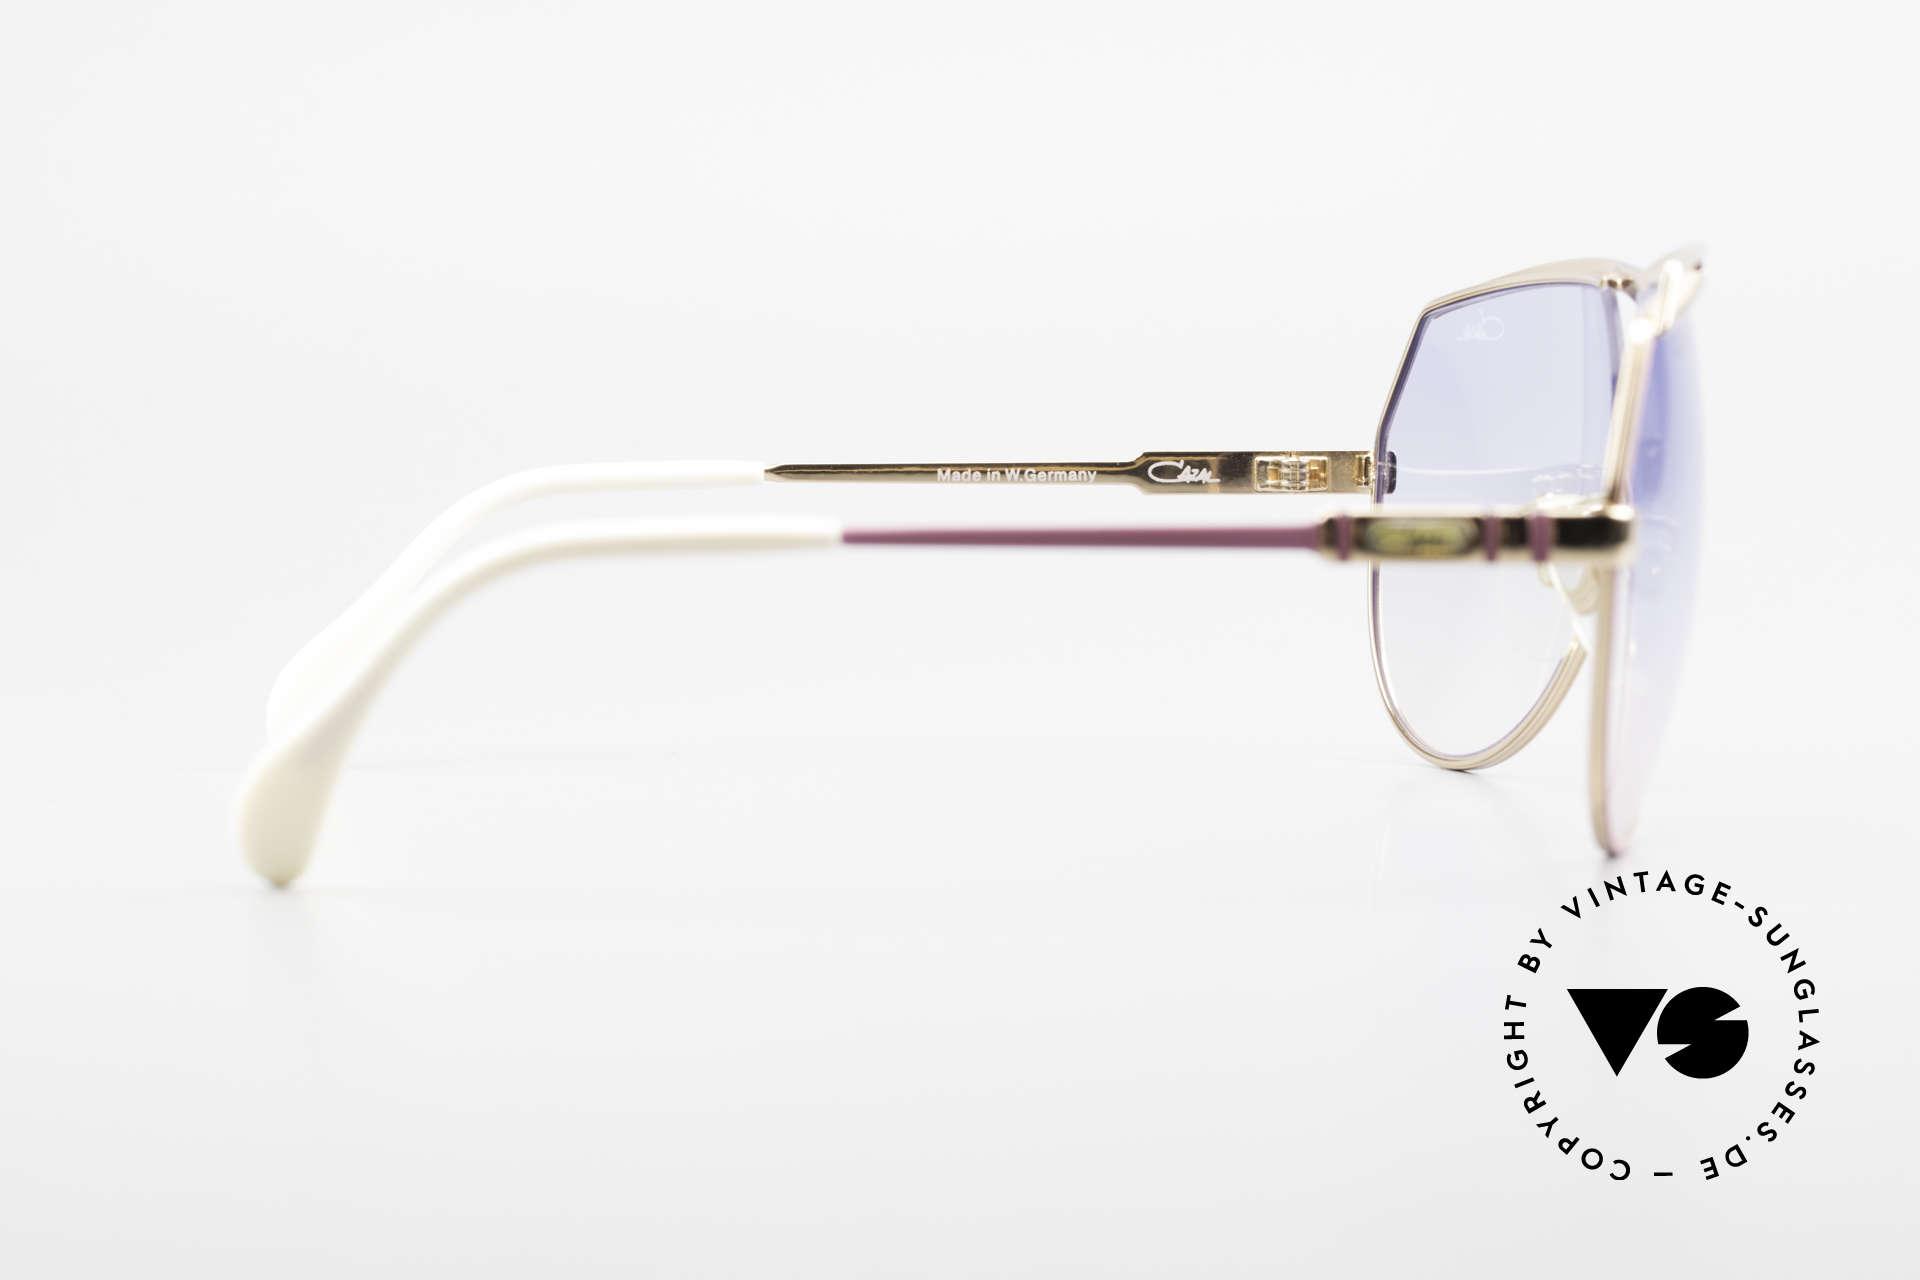 Cazal 954 Oversized 80's Sunglasses, Size: extra large, Made for Women